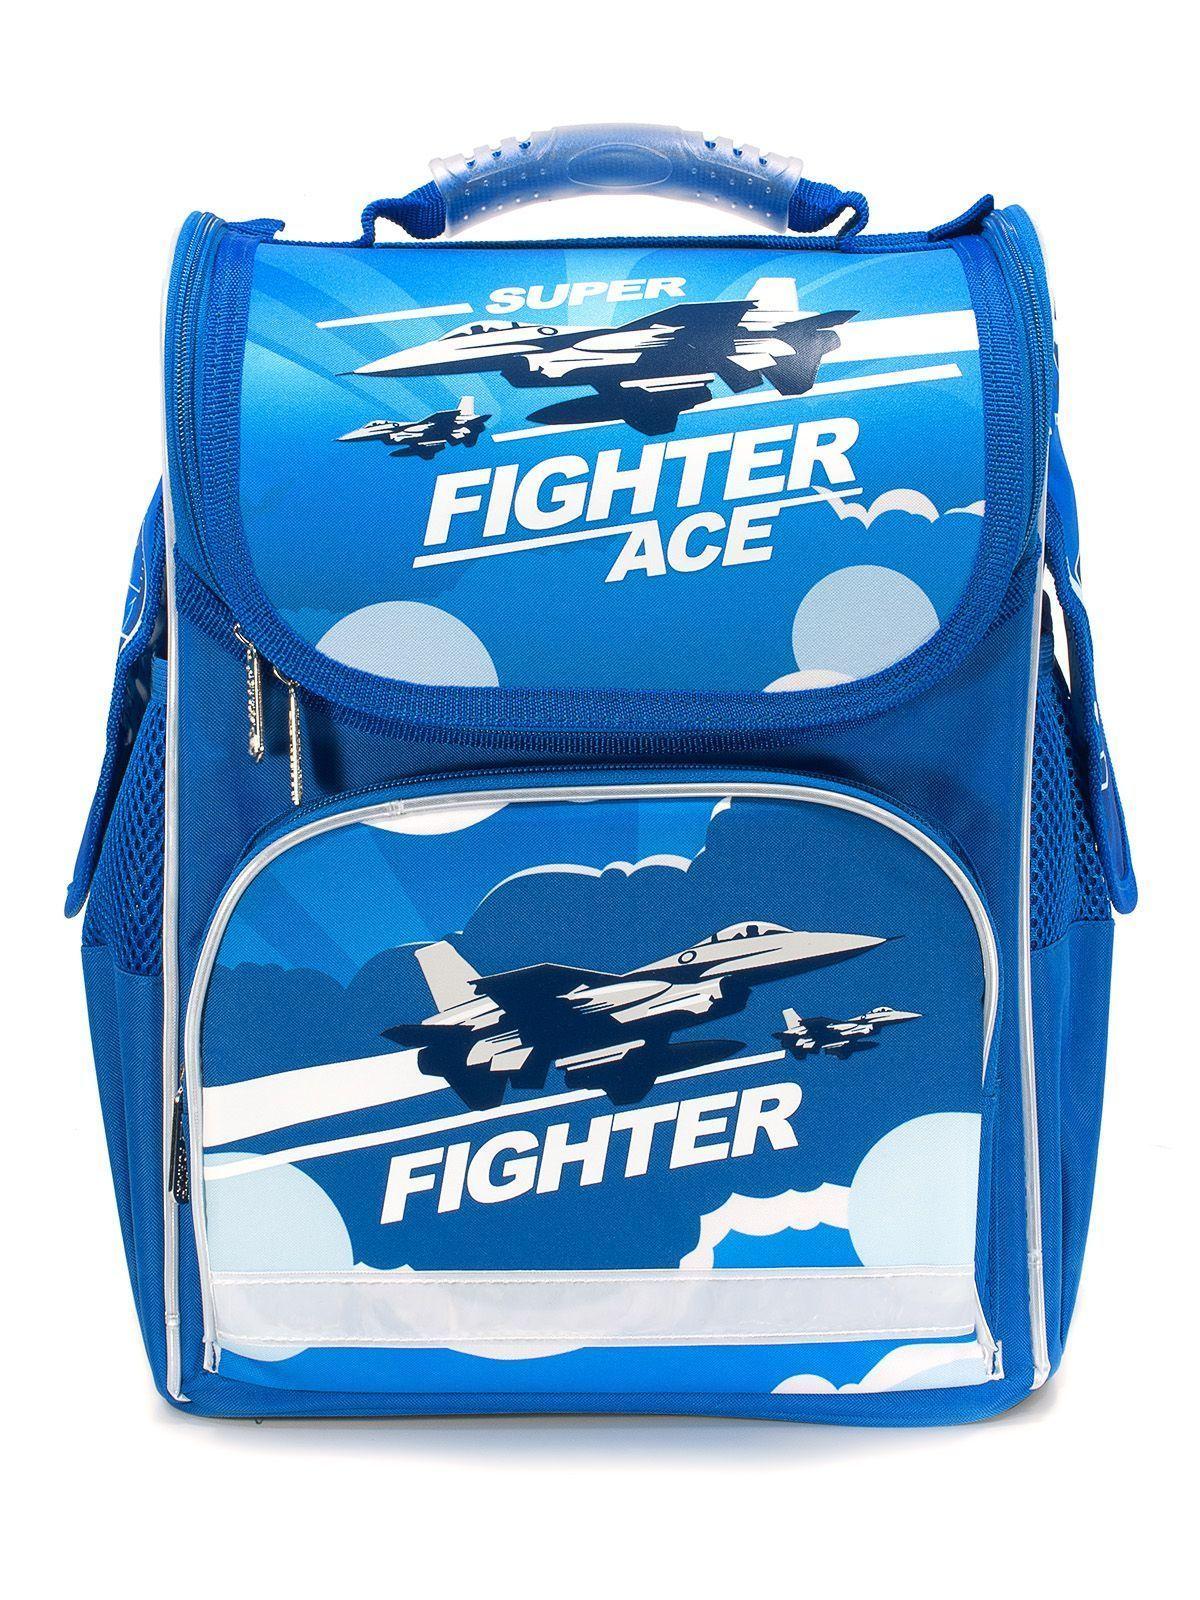 Рюкзак Schoolformat Air fighter, модель BASIC, жесткий каркас, односекционный, 38х28х16 см, 15 л, для мальчиков